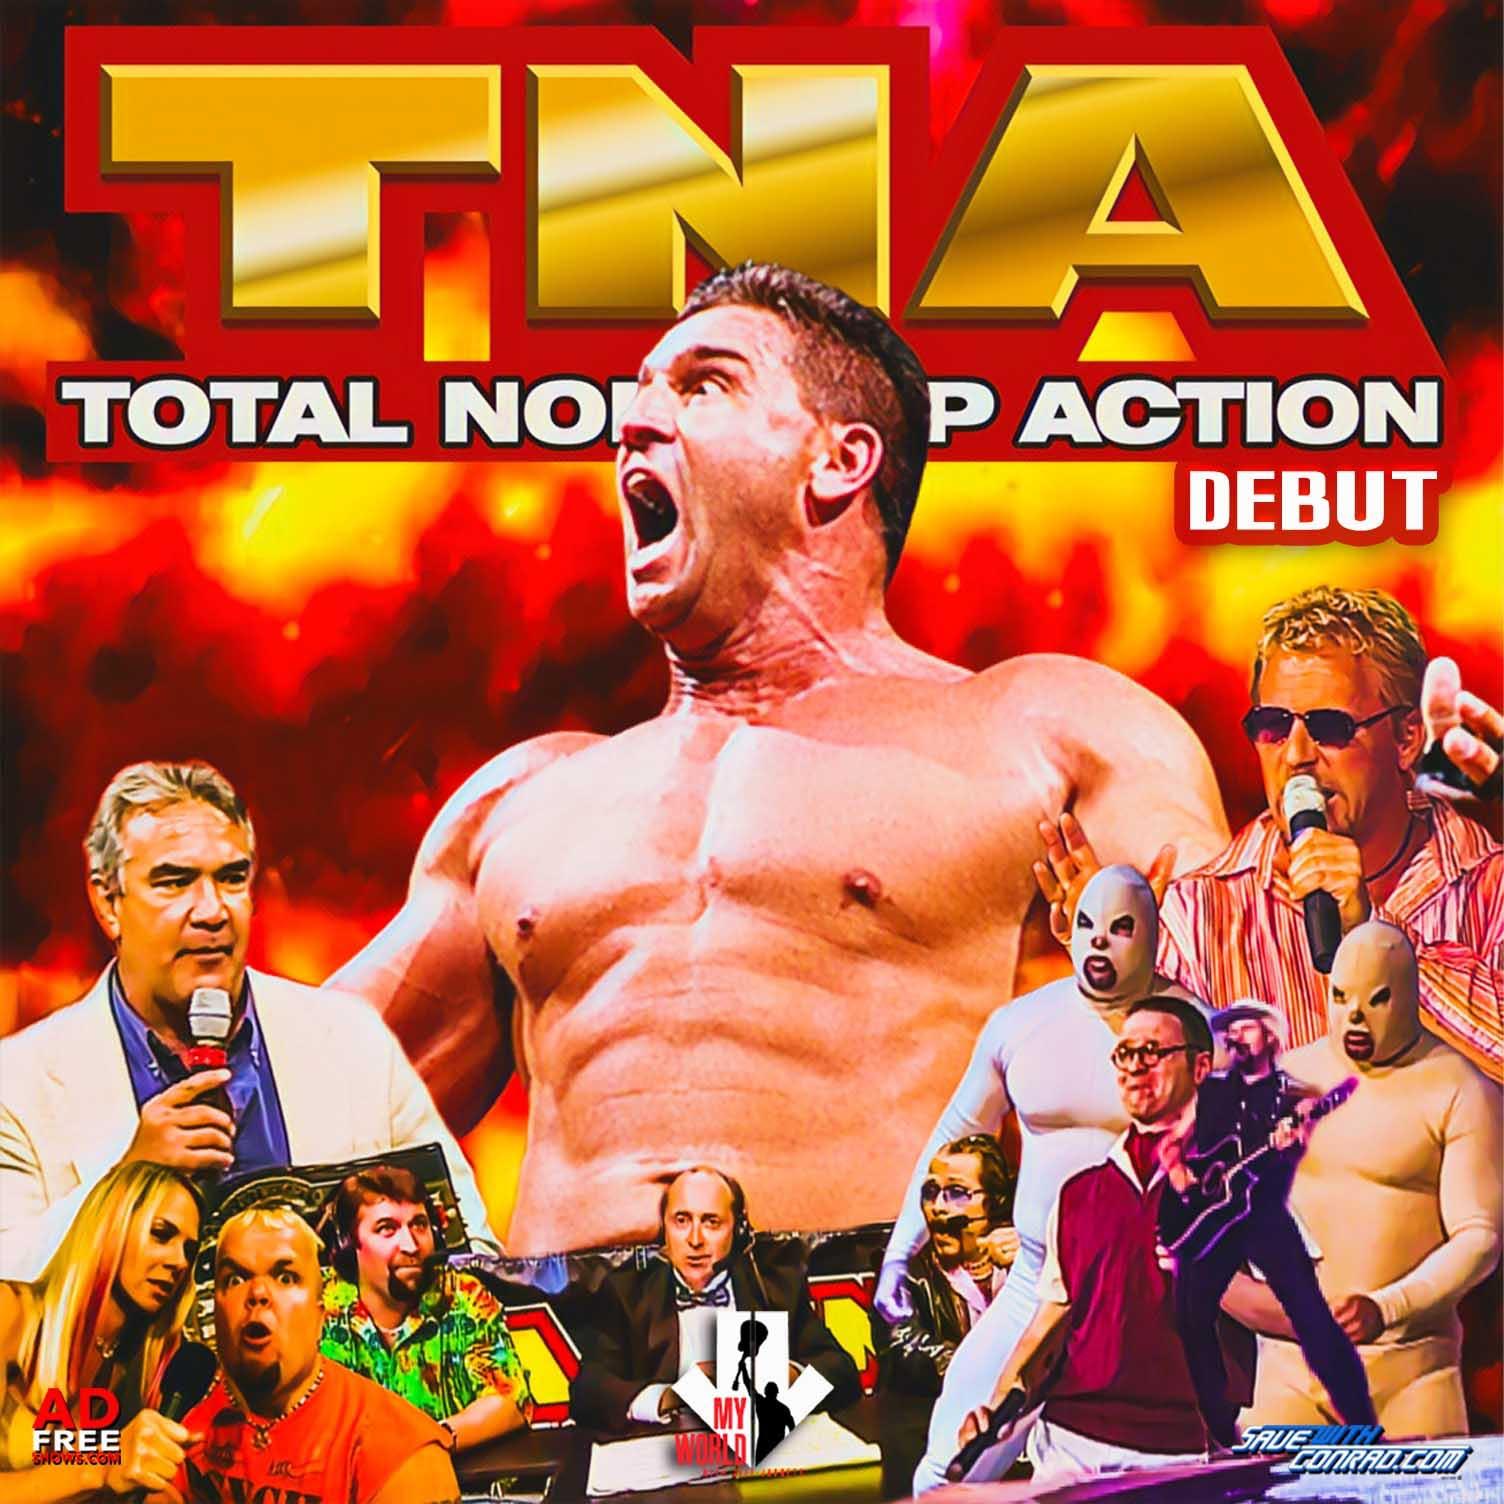 Episode 8: TNA Debut